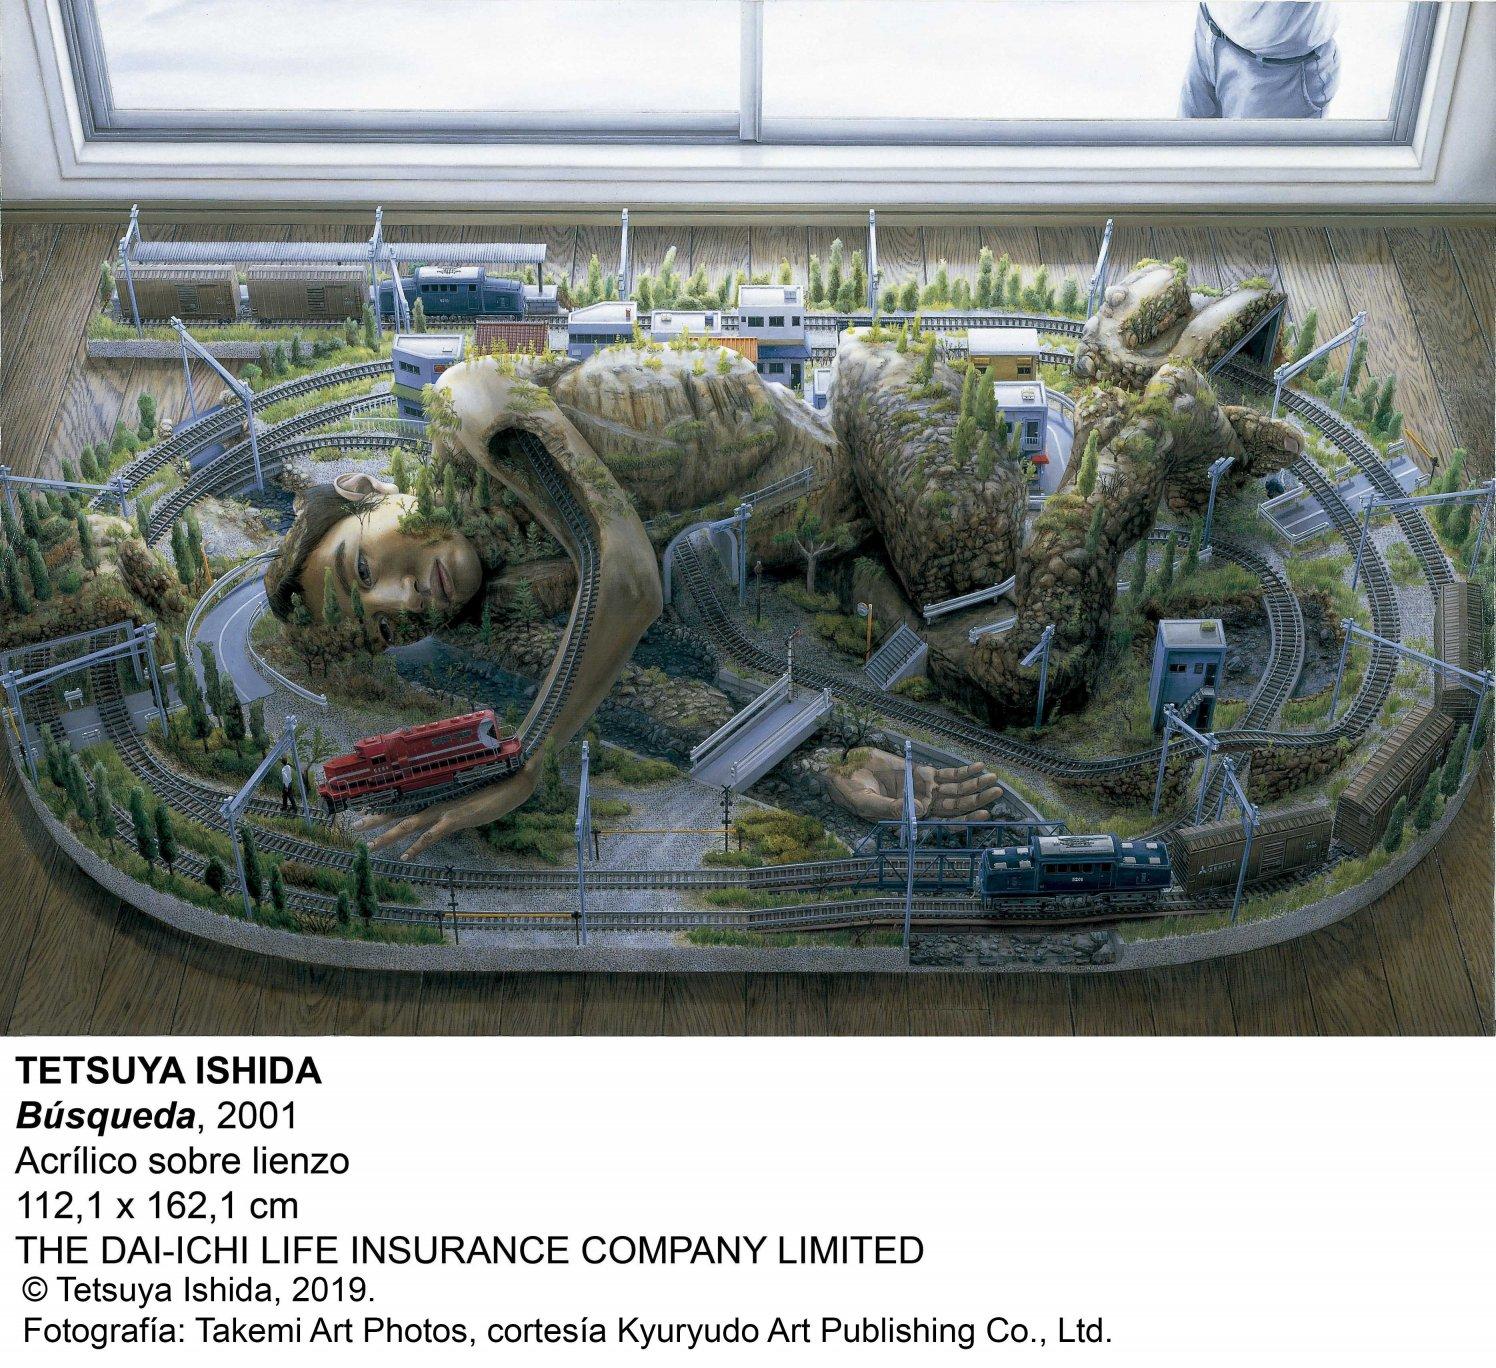 Búsqueda (2001) - Tetsuya Ishida